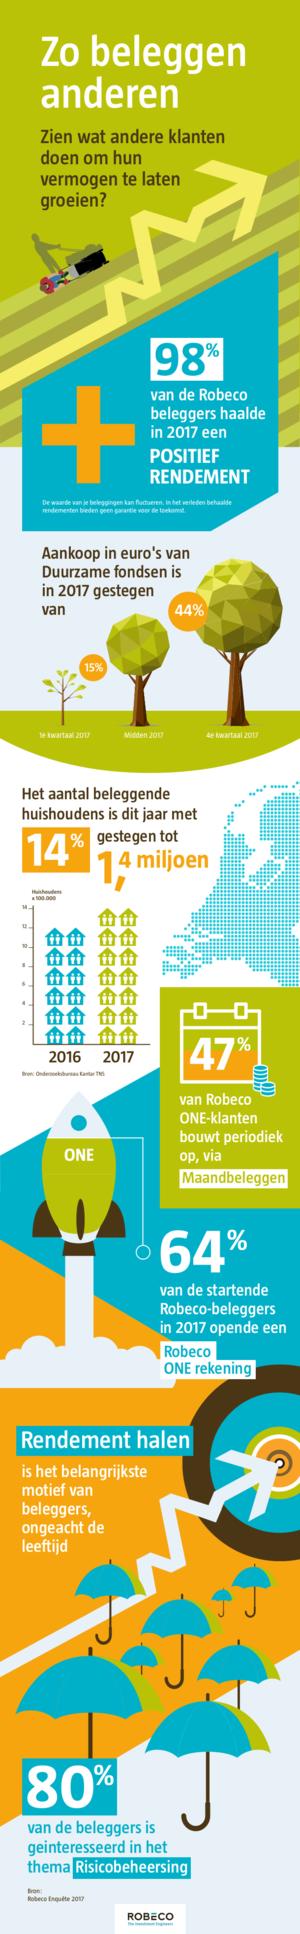 Afbeelding 2 van 5 - De 'One'-variant van infographic 'Zo beleggen anderen' voor Robeco